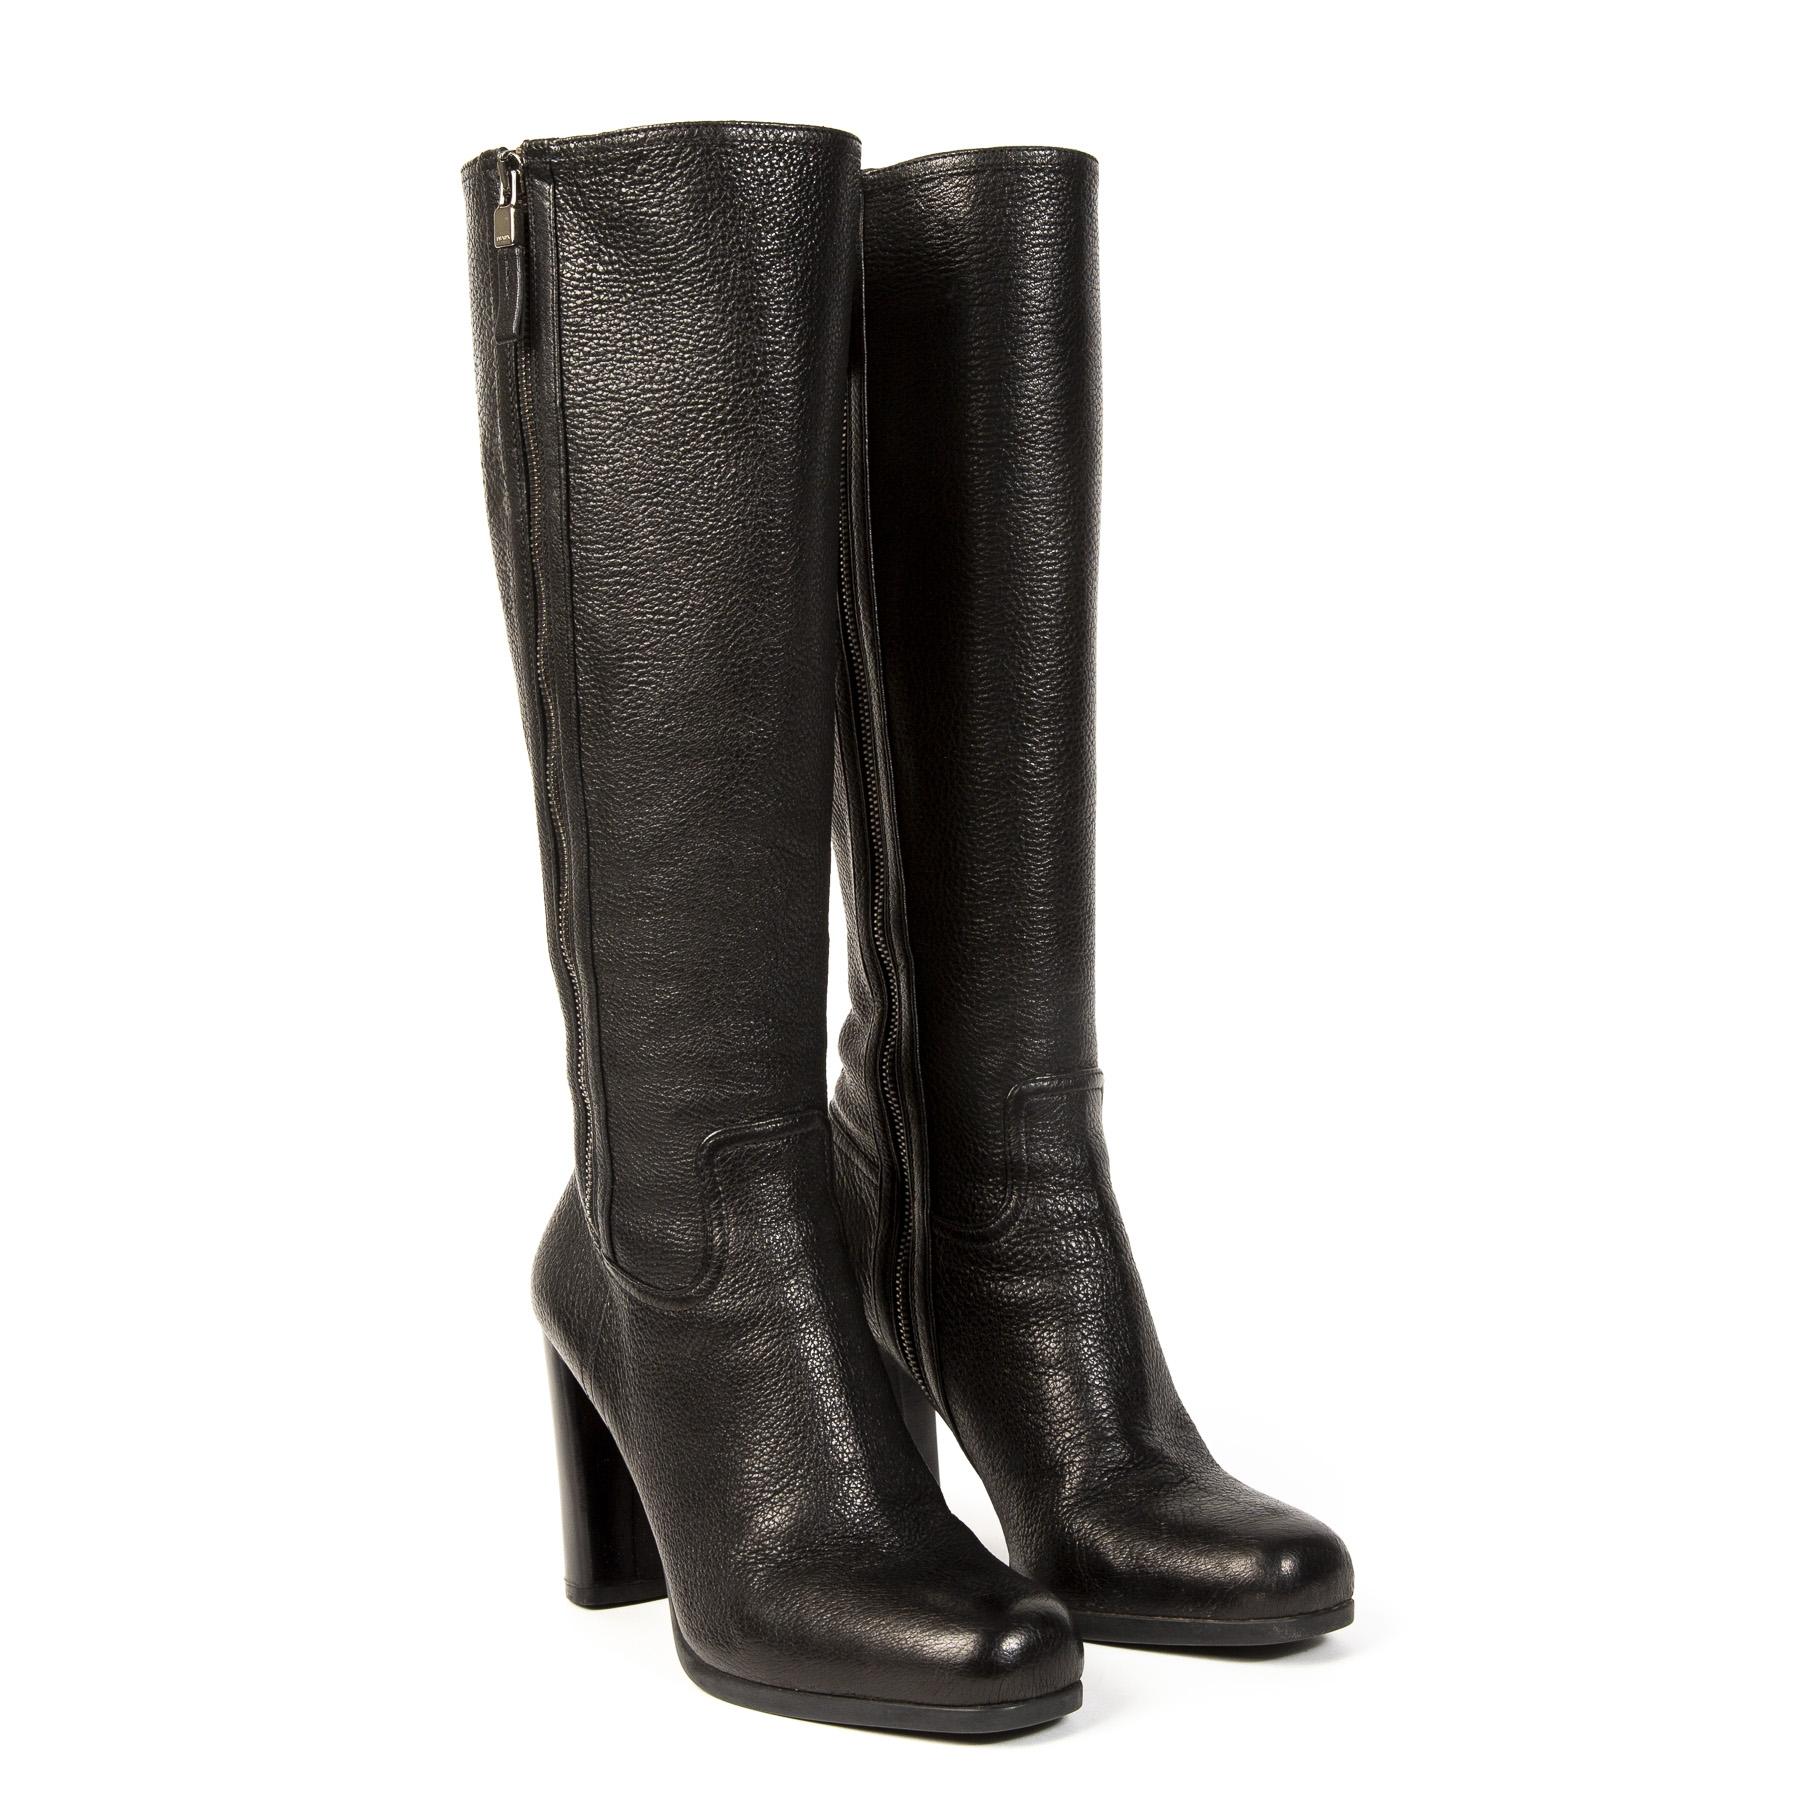 Authentieke Tweedehands Prada Black Leather Calzature Donna Boots juiste prijs veilig online shoppen webshop luxe merken winkelen Antwerpen België mode fashion